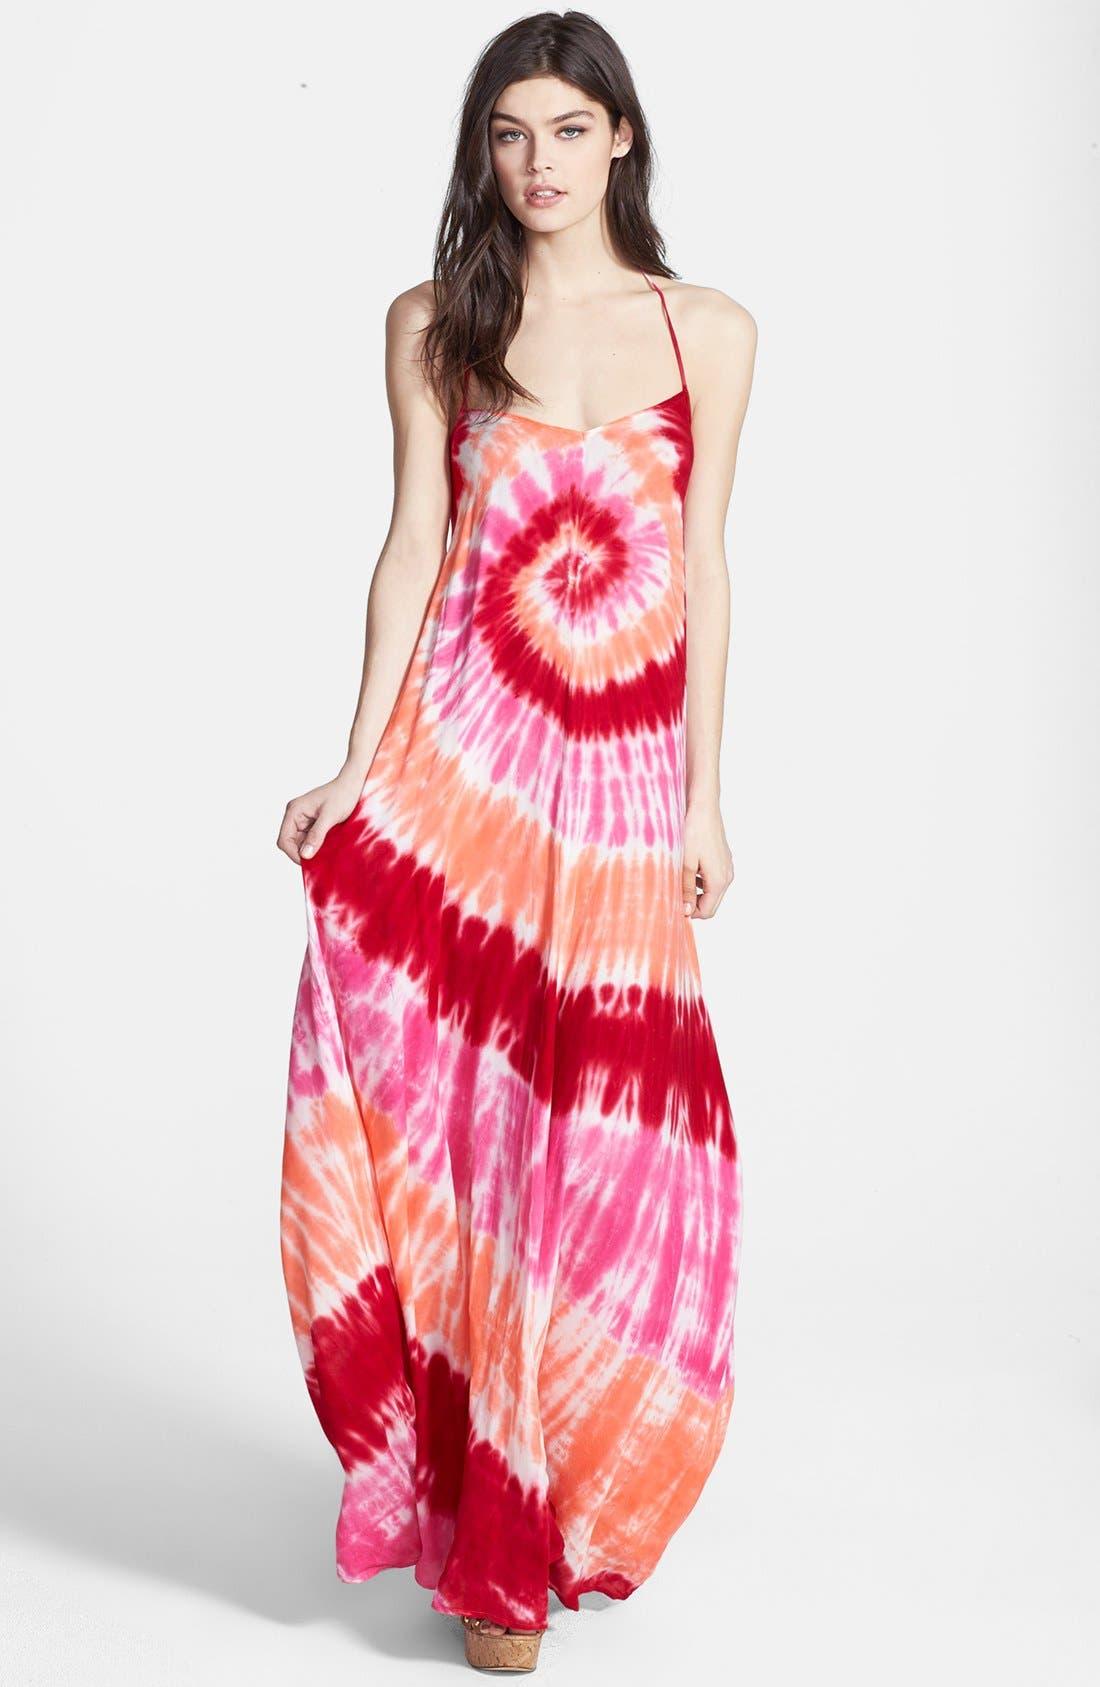 Main Image - Young, Fabulous & Broke 'Fortune' Tie Dye Maxi Dress